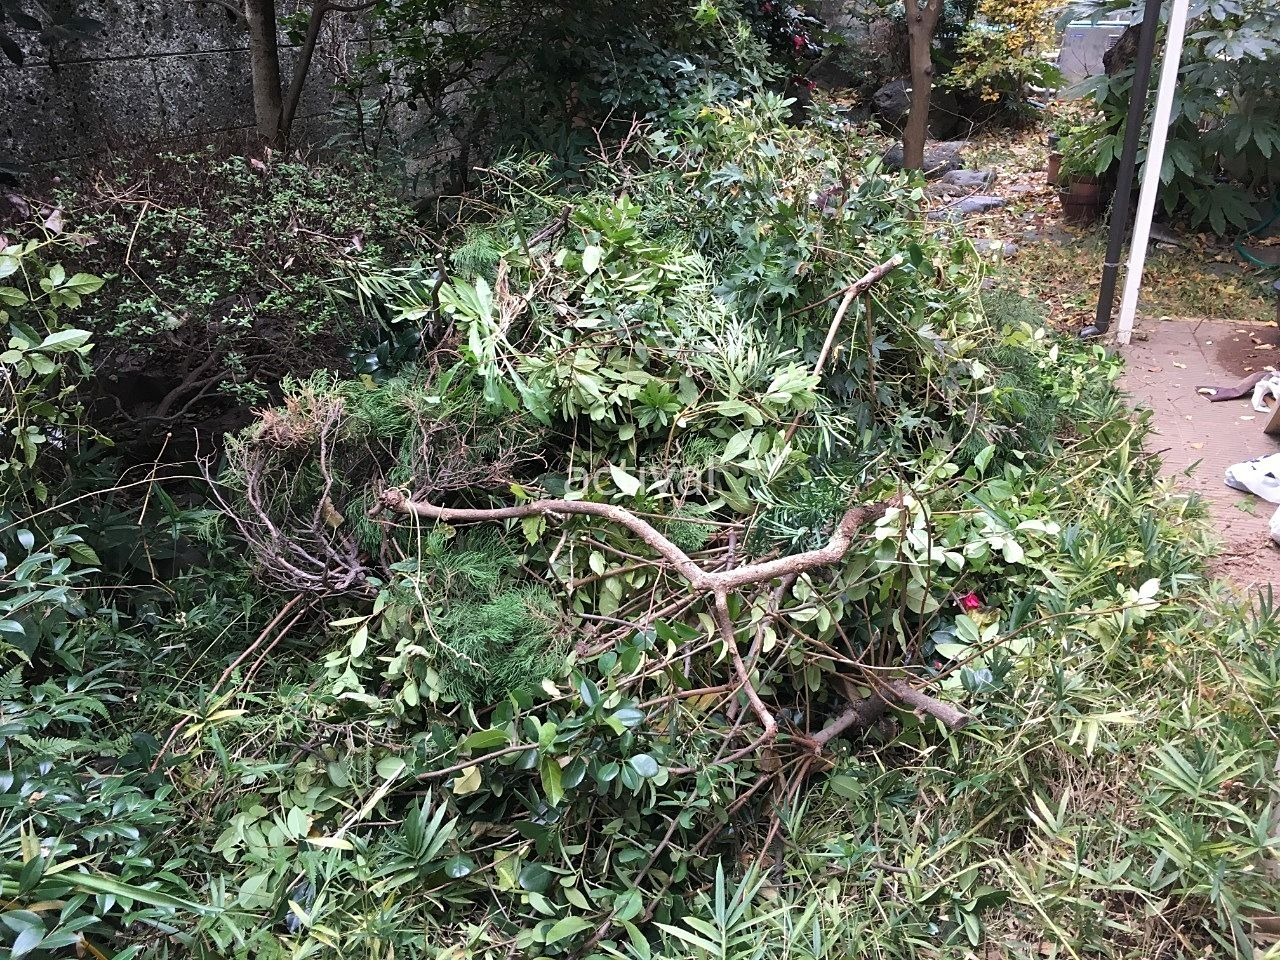 川口市のオーナーさん自宅庭の越境している木や枝を切る作業をしました!!